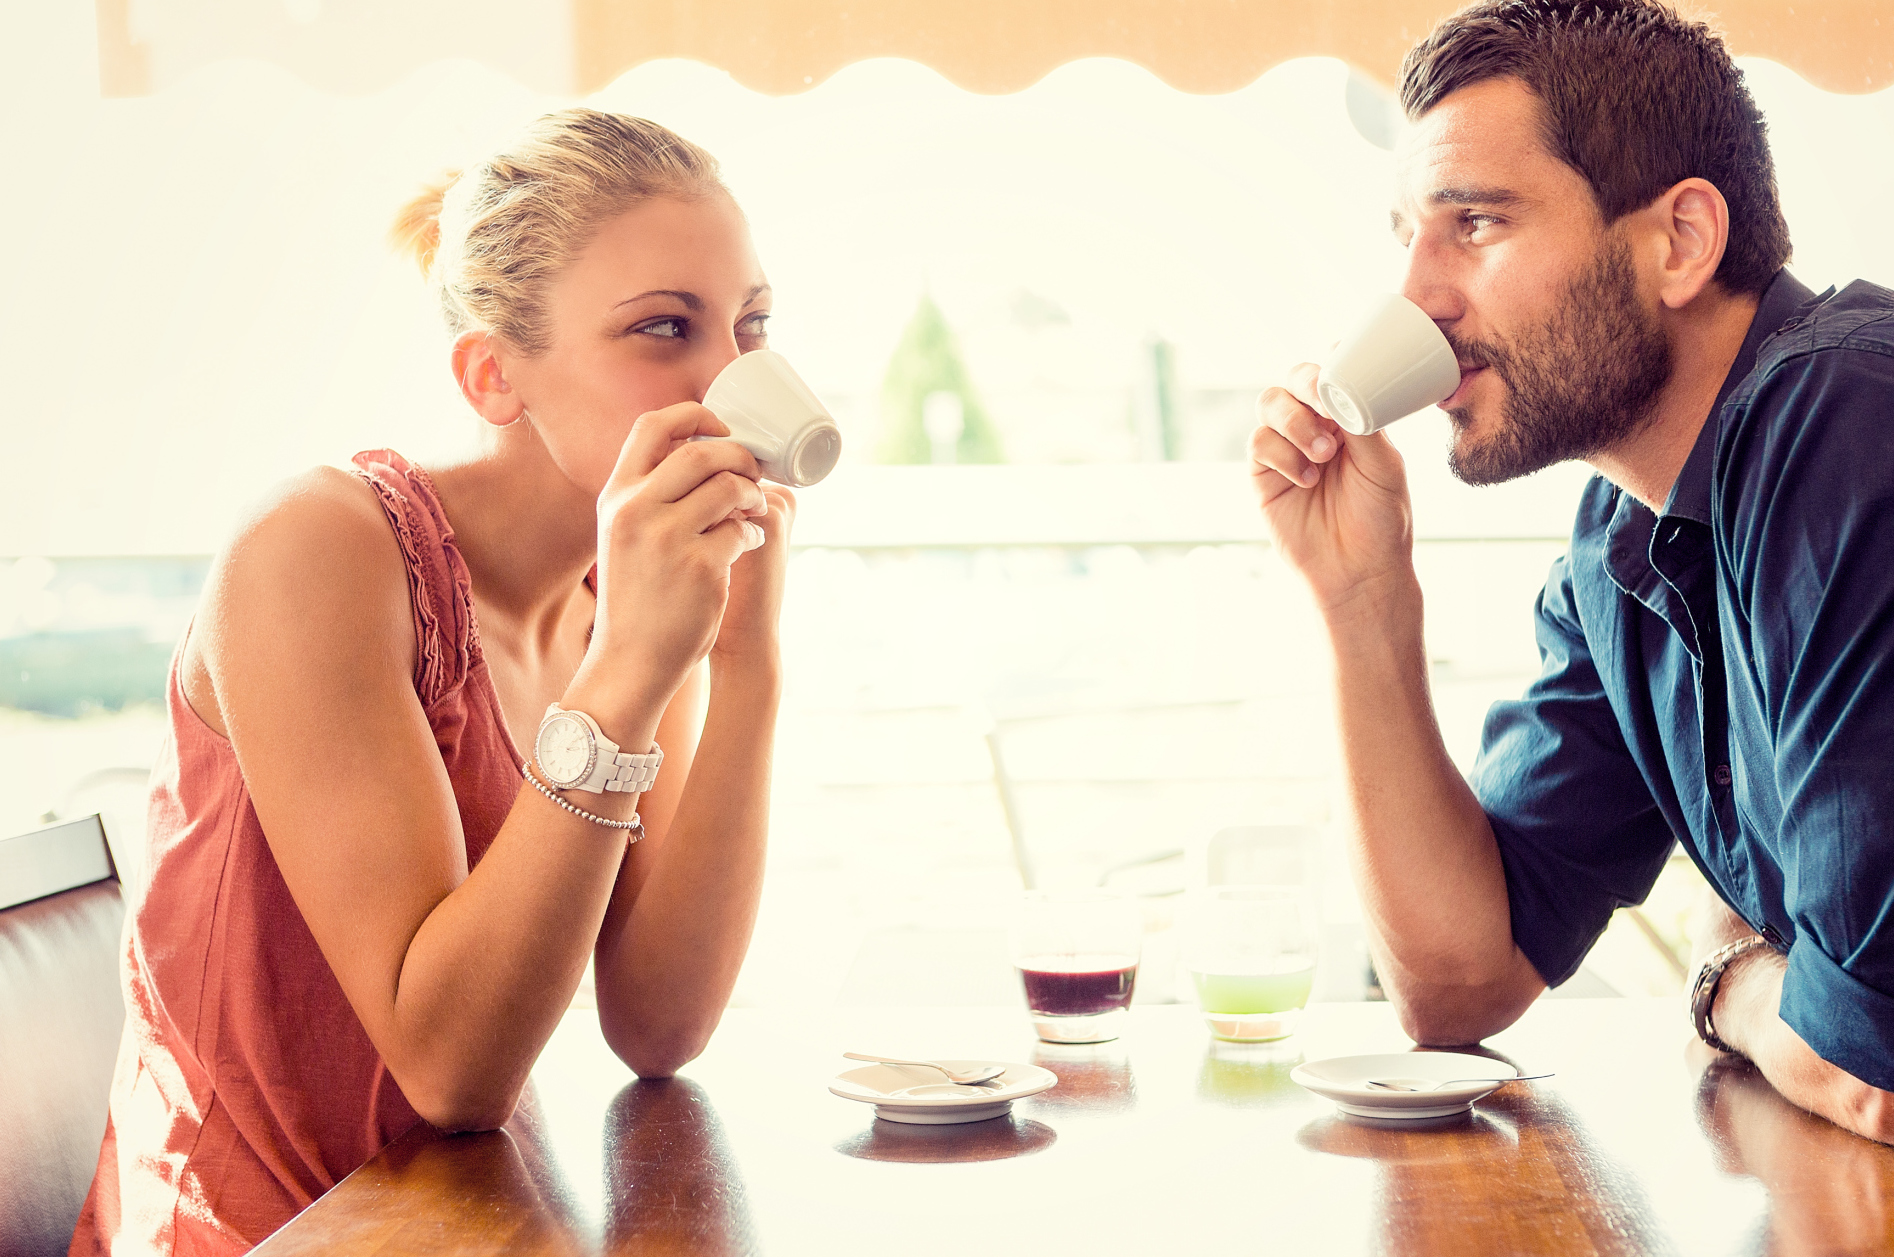 Δωρεάν Καλκούτα σε απευθείας σύνδεση dating